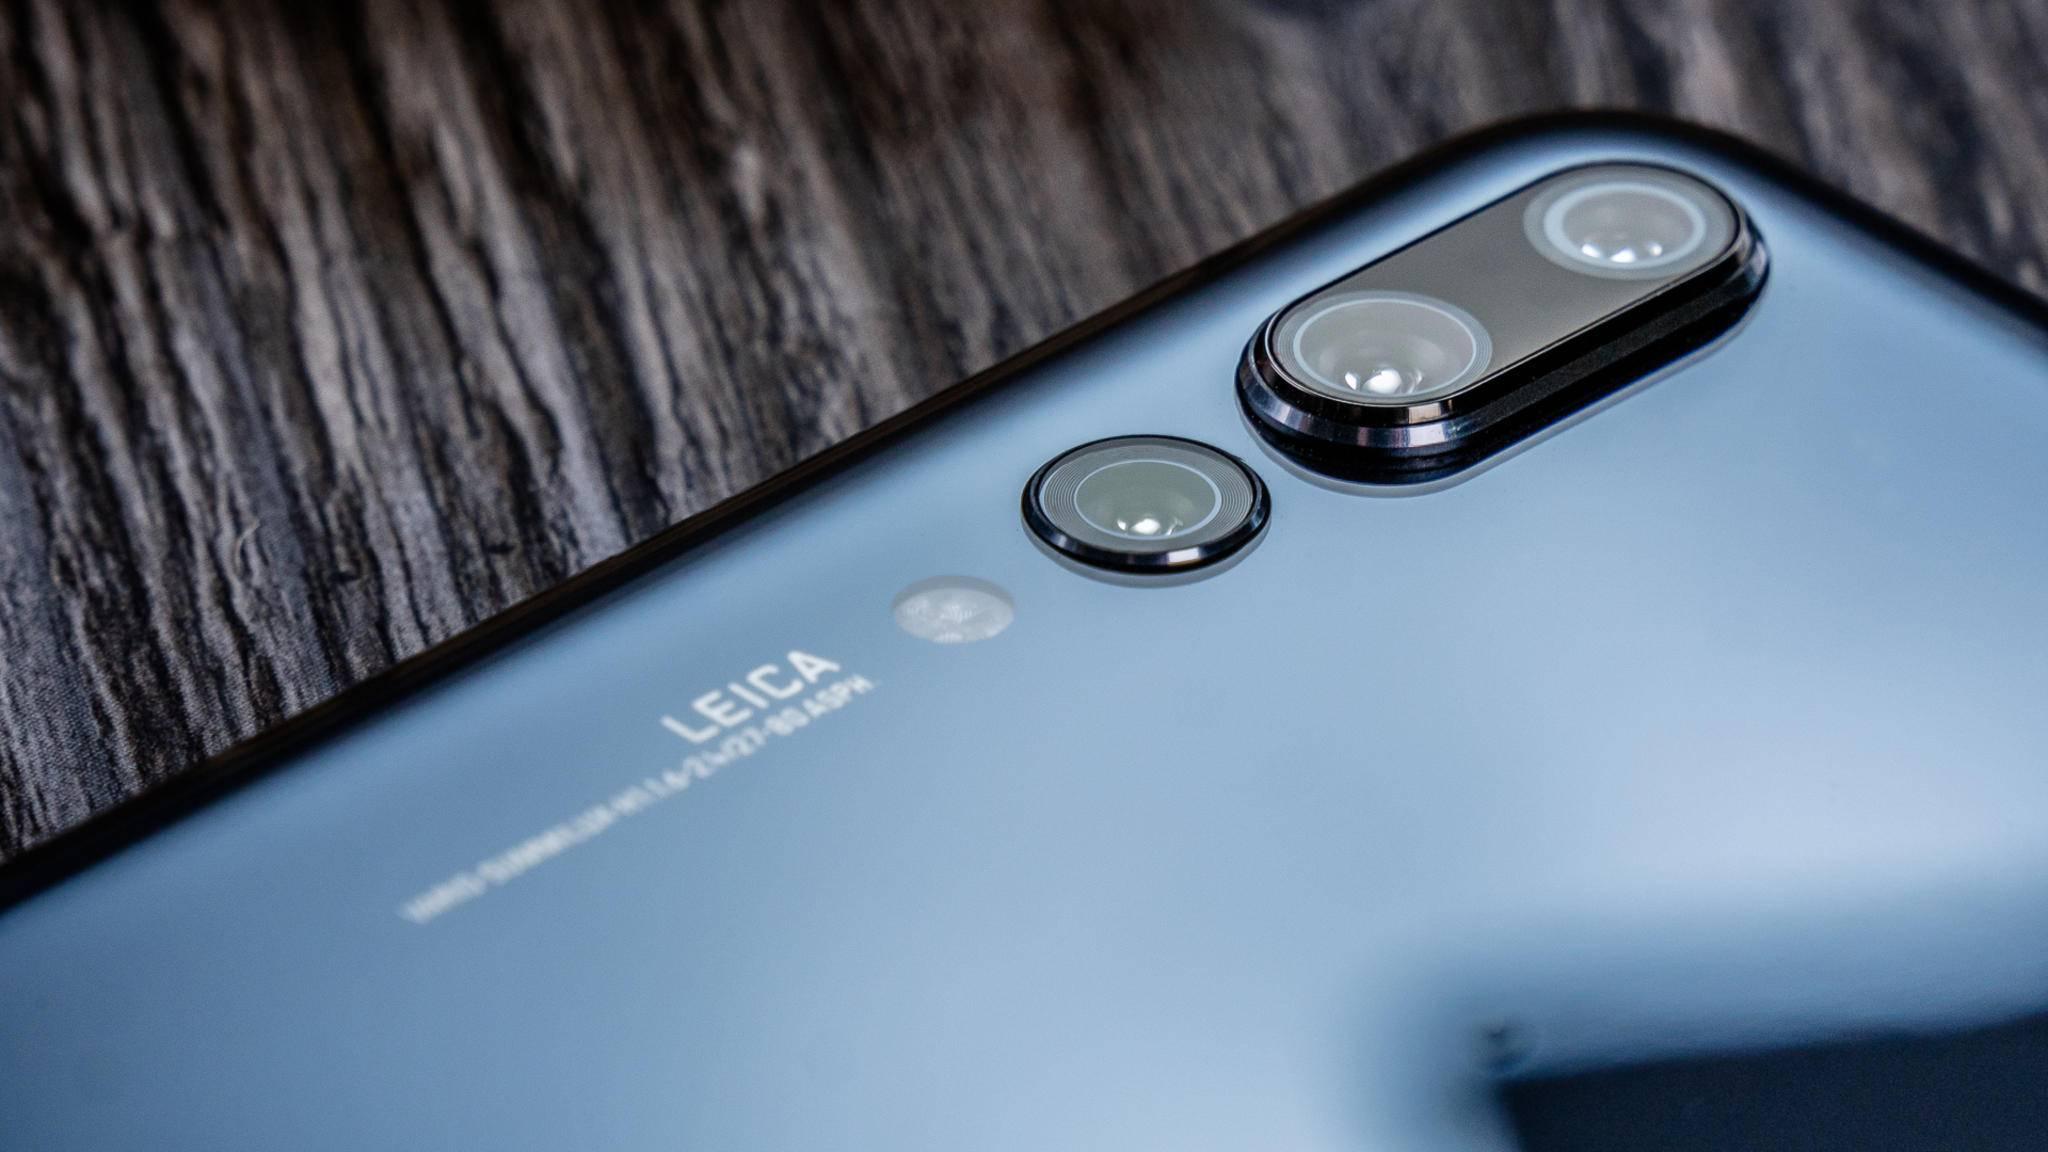 Wie das Huawei P20 Pro (Foto) könnte auch das Galaxy S10 eine Triple-Kamera bekommen.